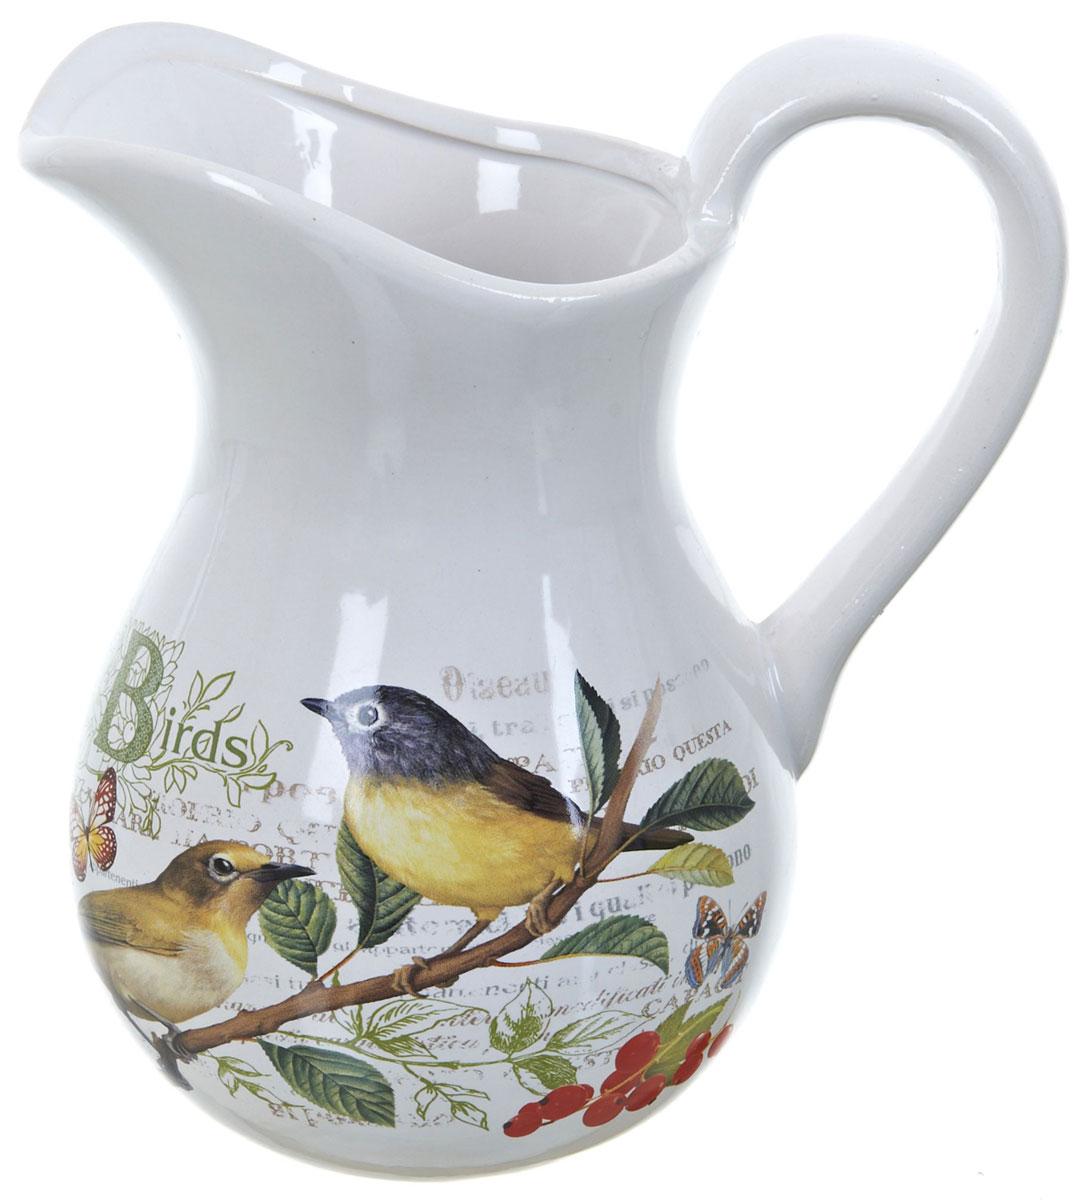 Кувшин ENS Group Birds, 1 лVT-1520(SR)Кувшин Birds изготовлен из высококачественной керамики с изящным рисунком и оснащен удобной ручкой. Изделие прекрасно подходит для подачи воды, сока, компота и других напитков. Изящный кувшин красиво оформит стол и порадует вас элегантным дизайном и простотой ухода.